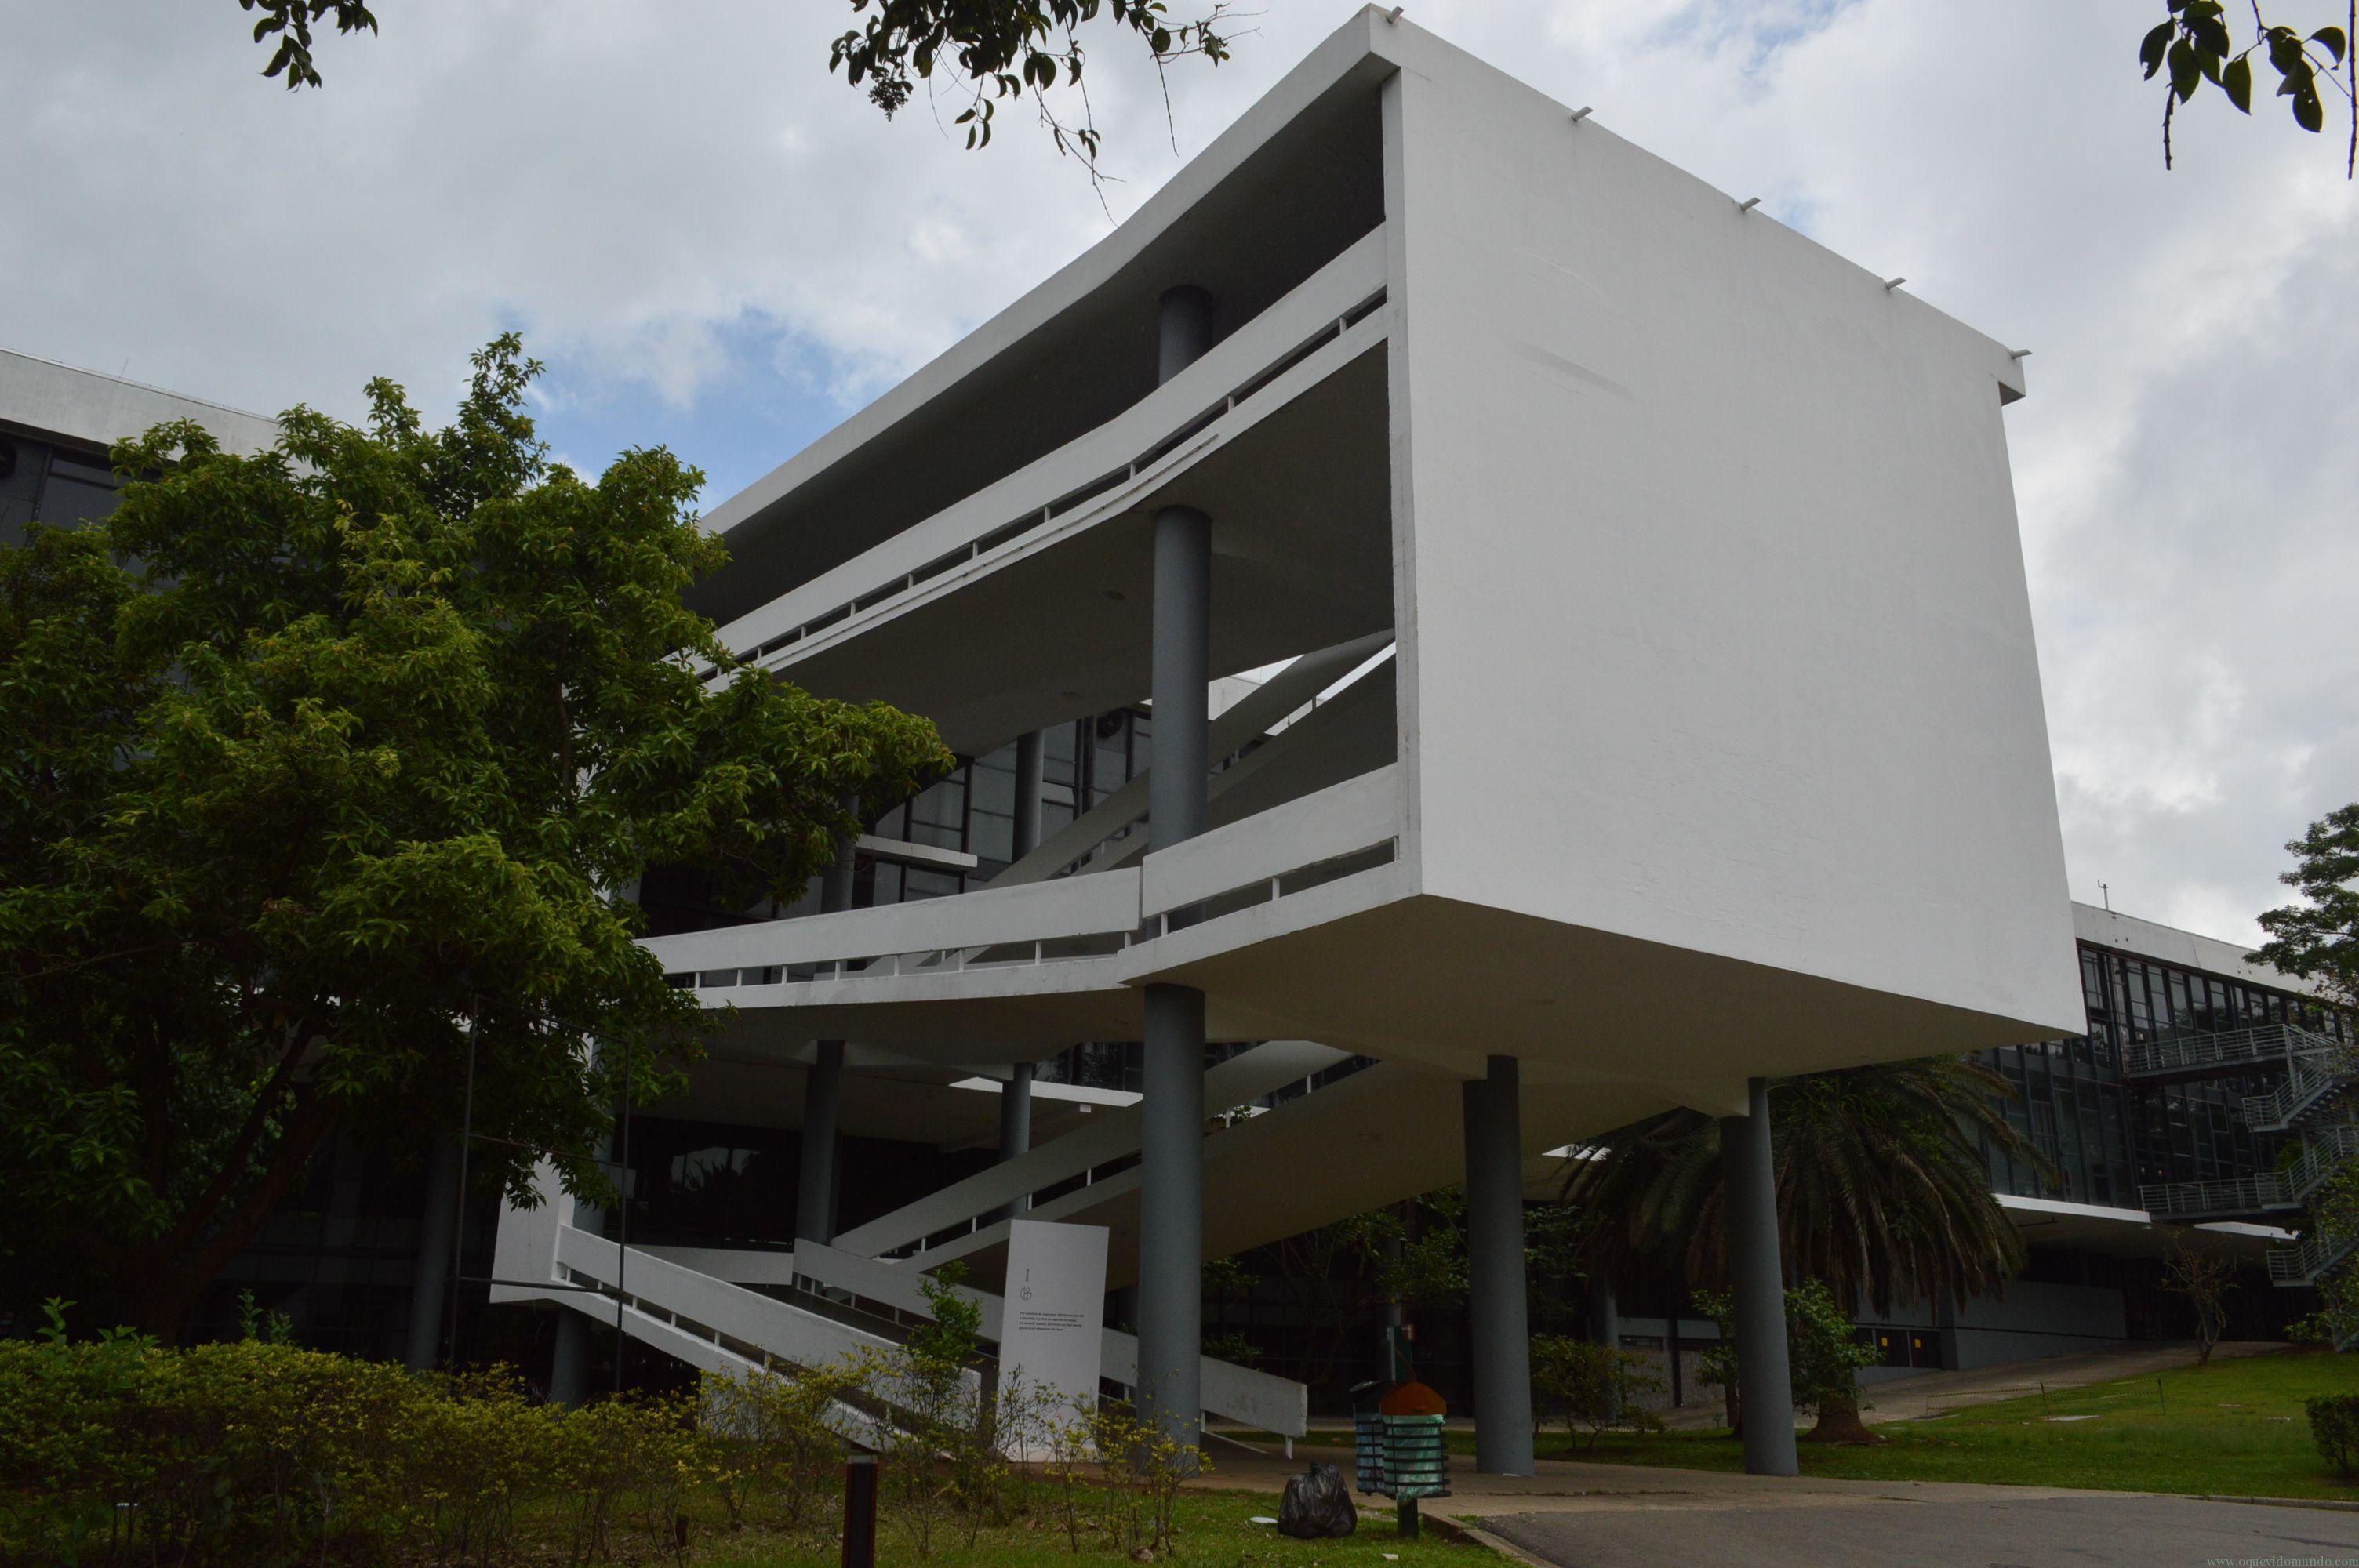 Detalhe do prédio da Bienal, onde acontece o evento, em plena conexão com a natureza ao redor